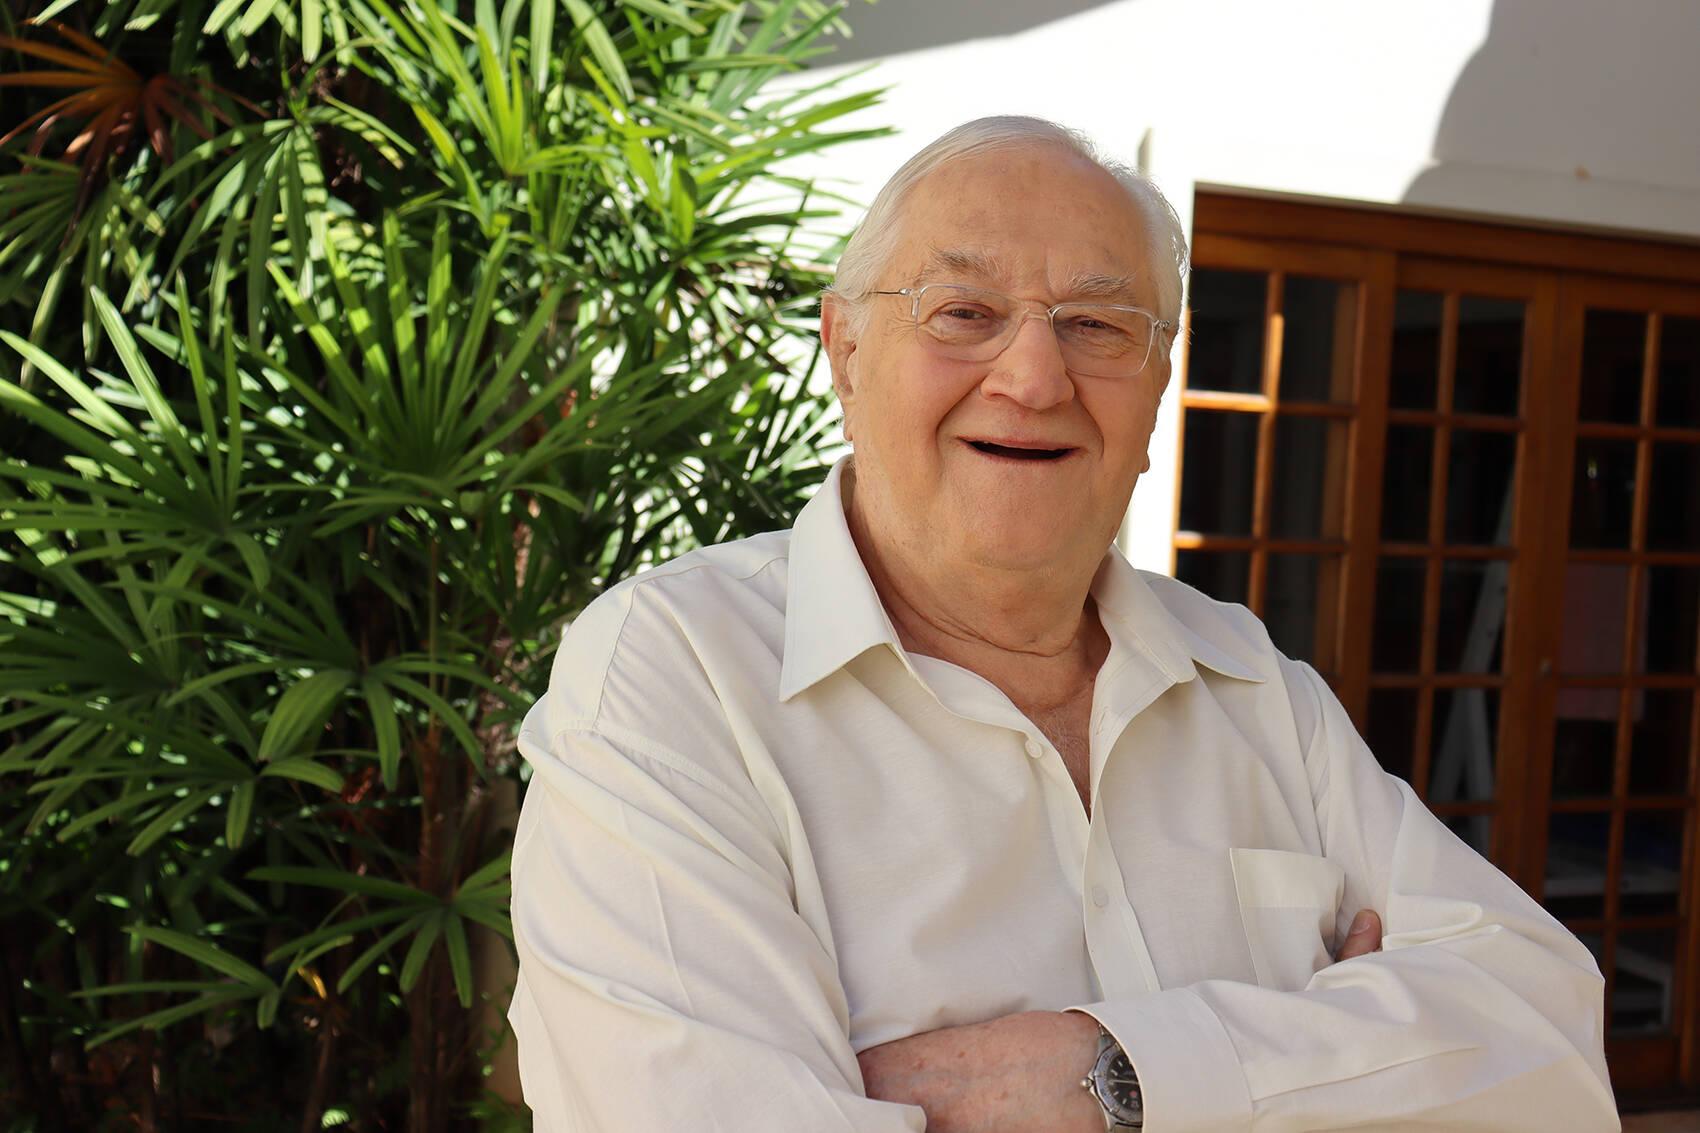 O jornalista iniciou na faculdade de medicina veterinária aos 80 anos de idade. Foto: Divulgação